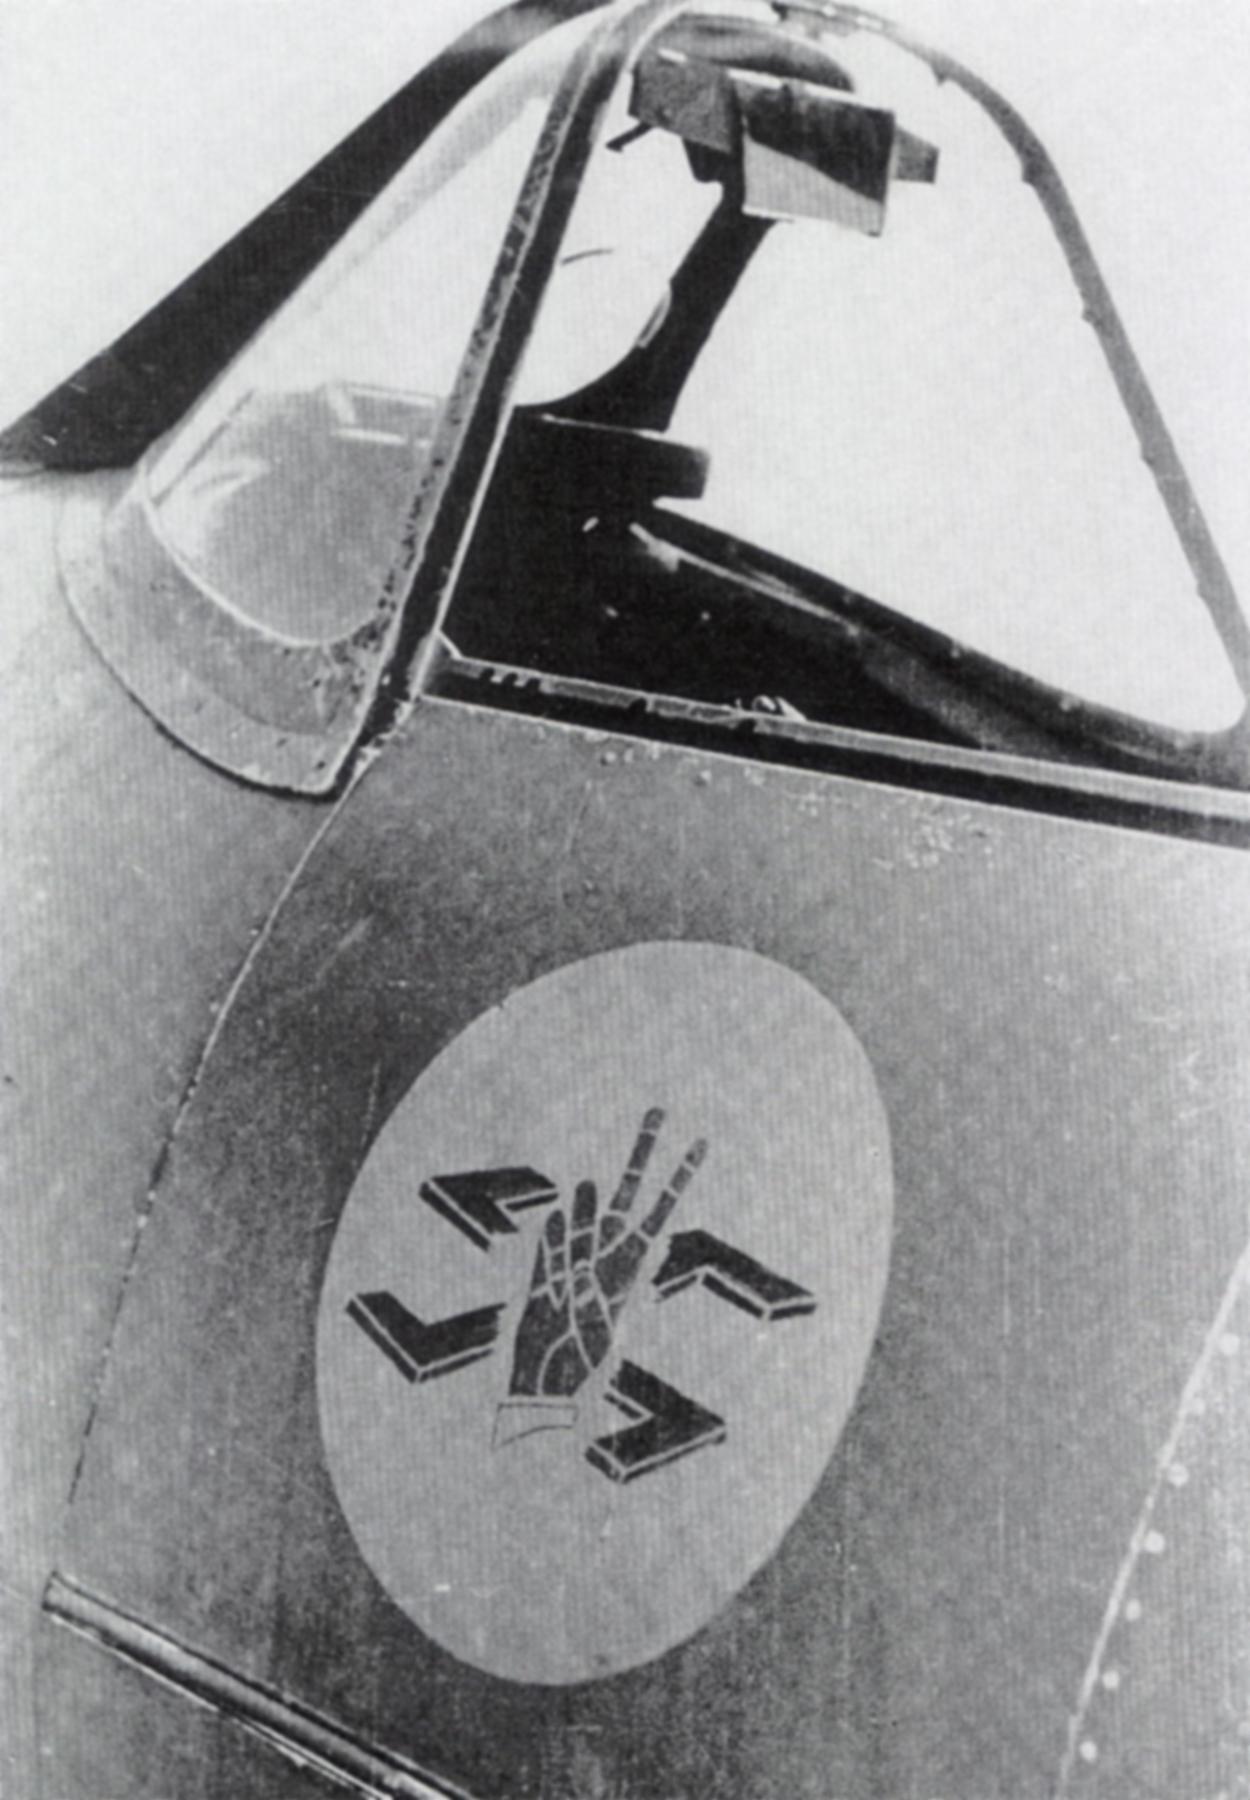 Spitfire MkIa RAF 234Sqn AZB forced landed Cherbourg France Aug 15 1940 02